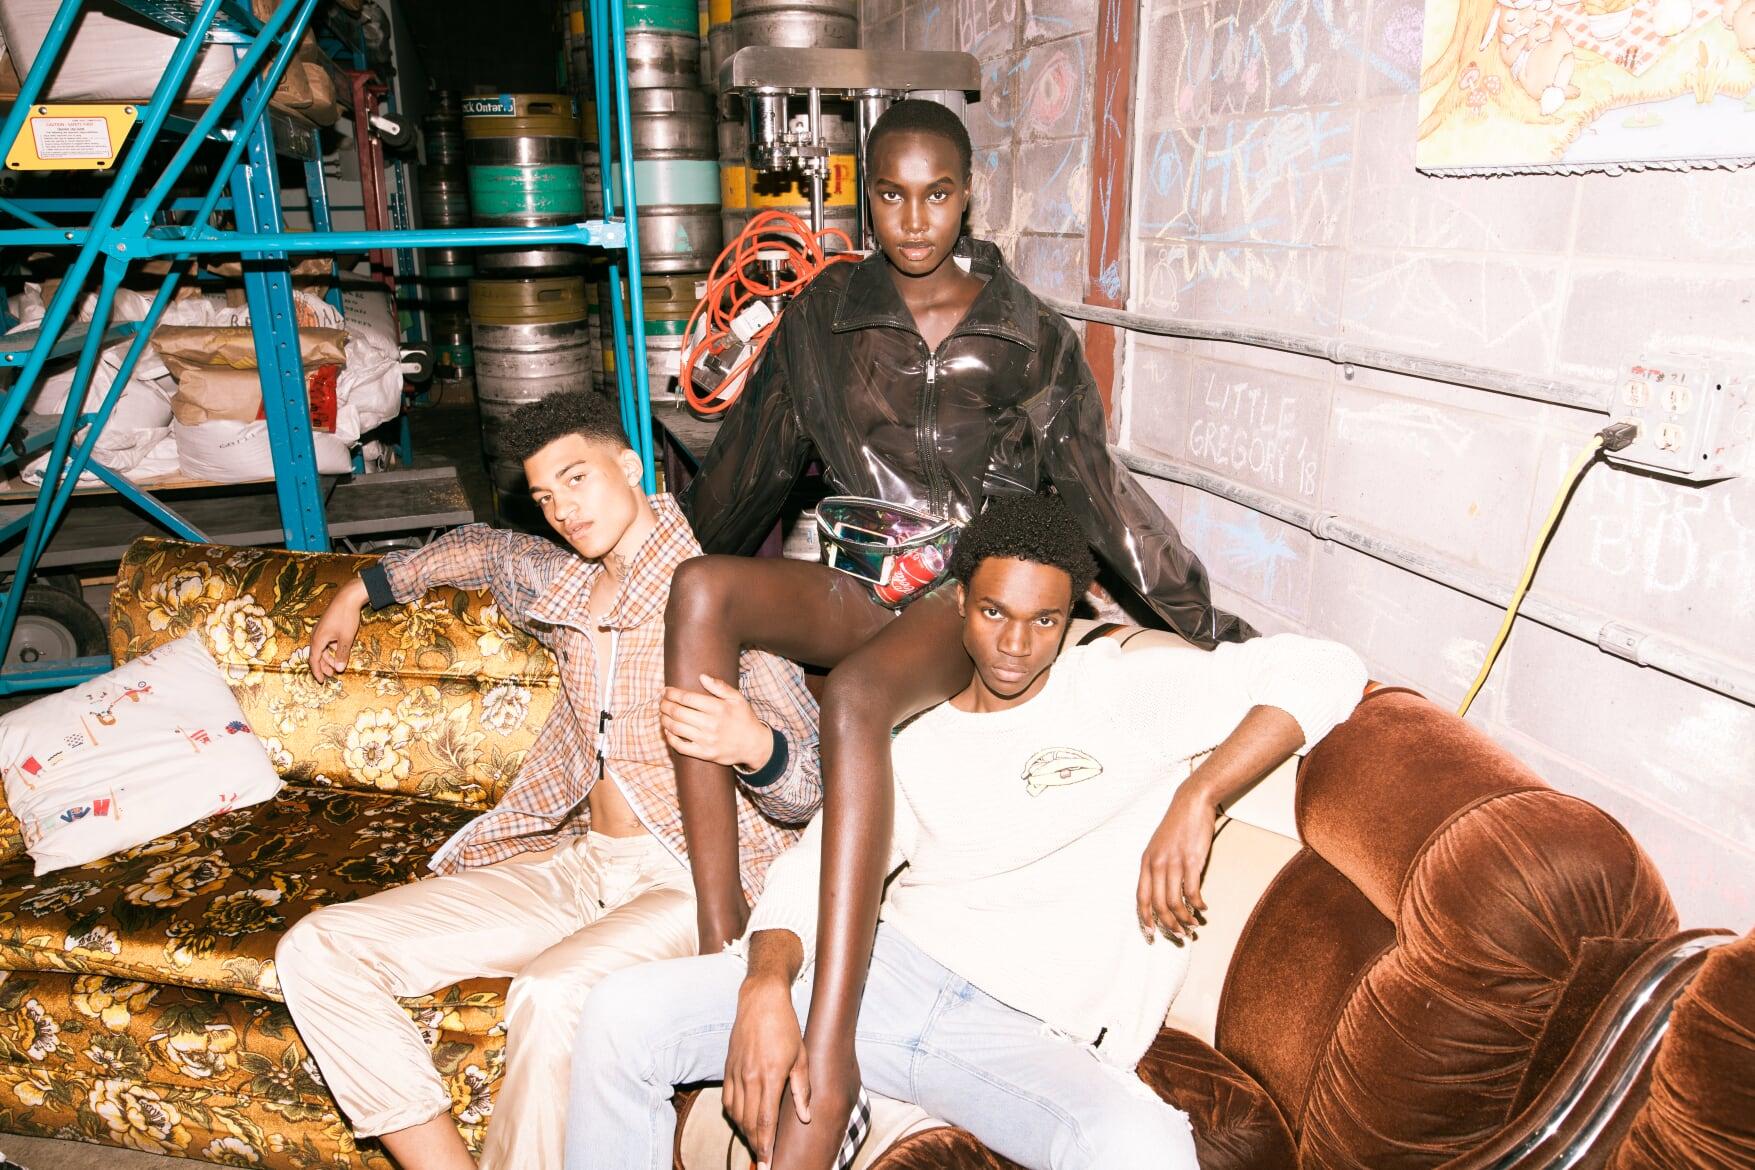 FREQ Magazine  Clothing: Fendi (Holt Renfrew)  Photographer: Jared B  Models: Sasha, Nya & Ryan